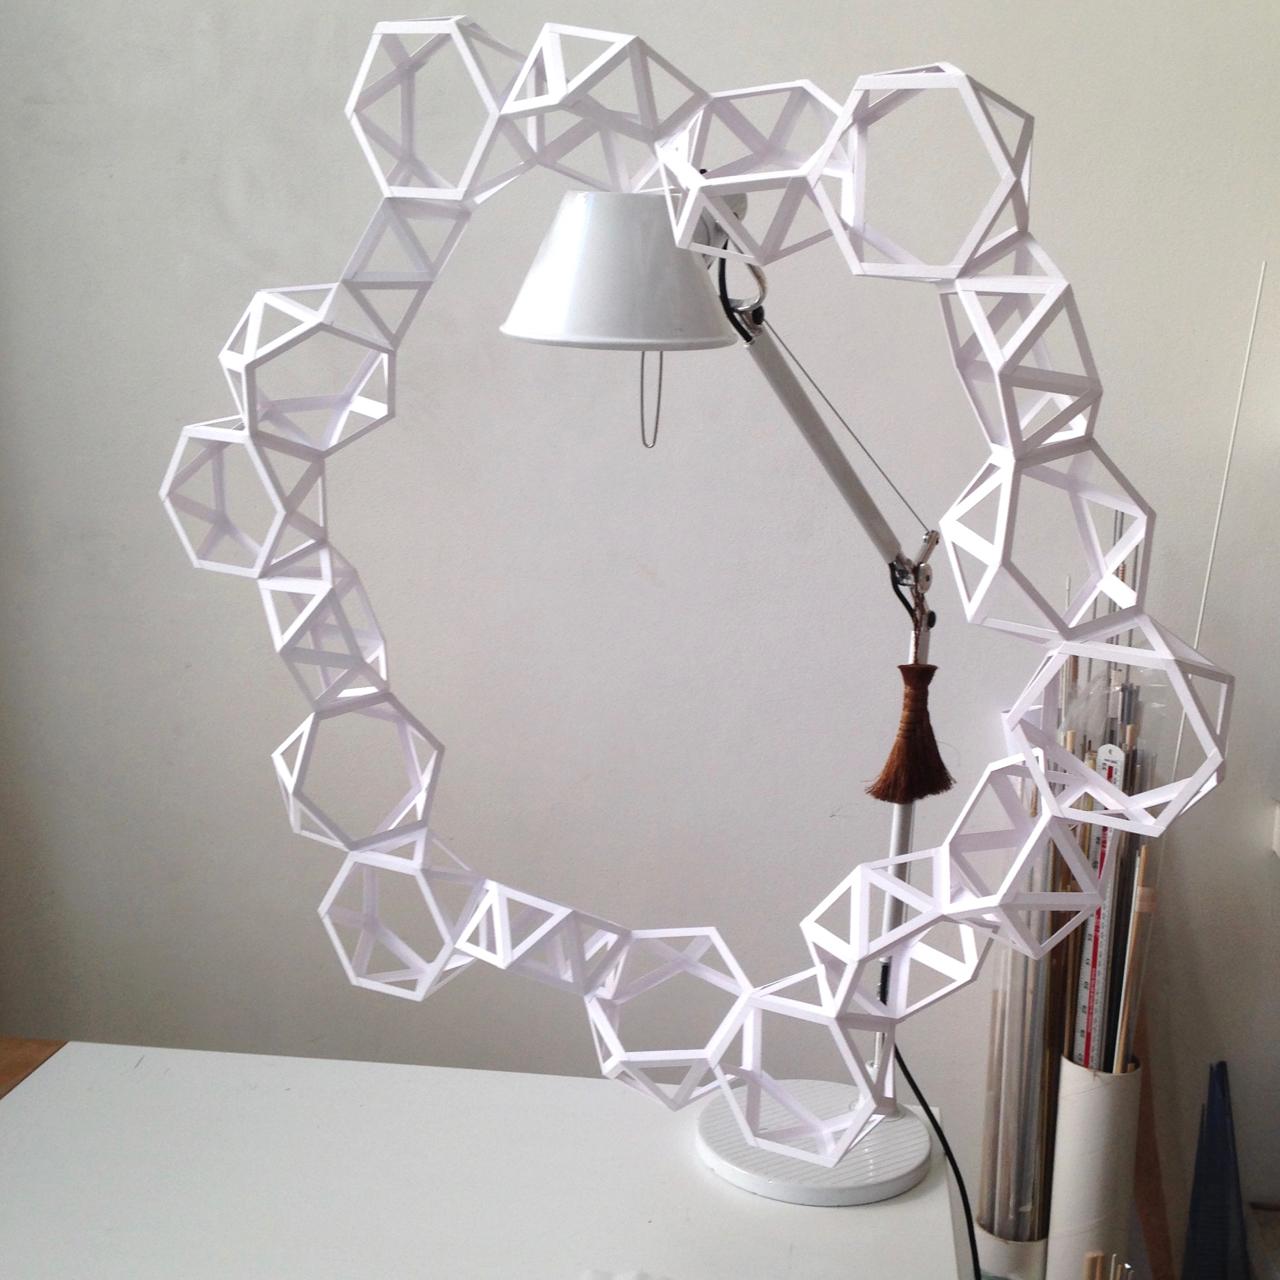 linkage of pentagonal anri-prism.jpg